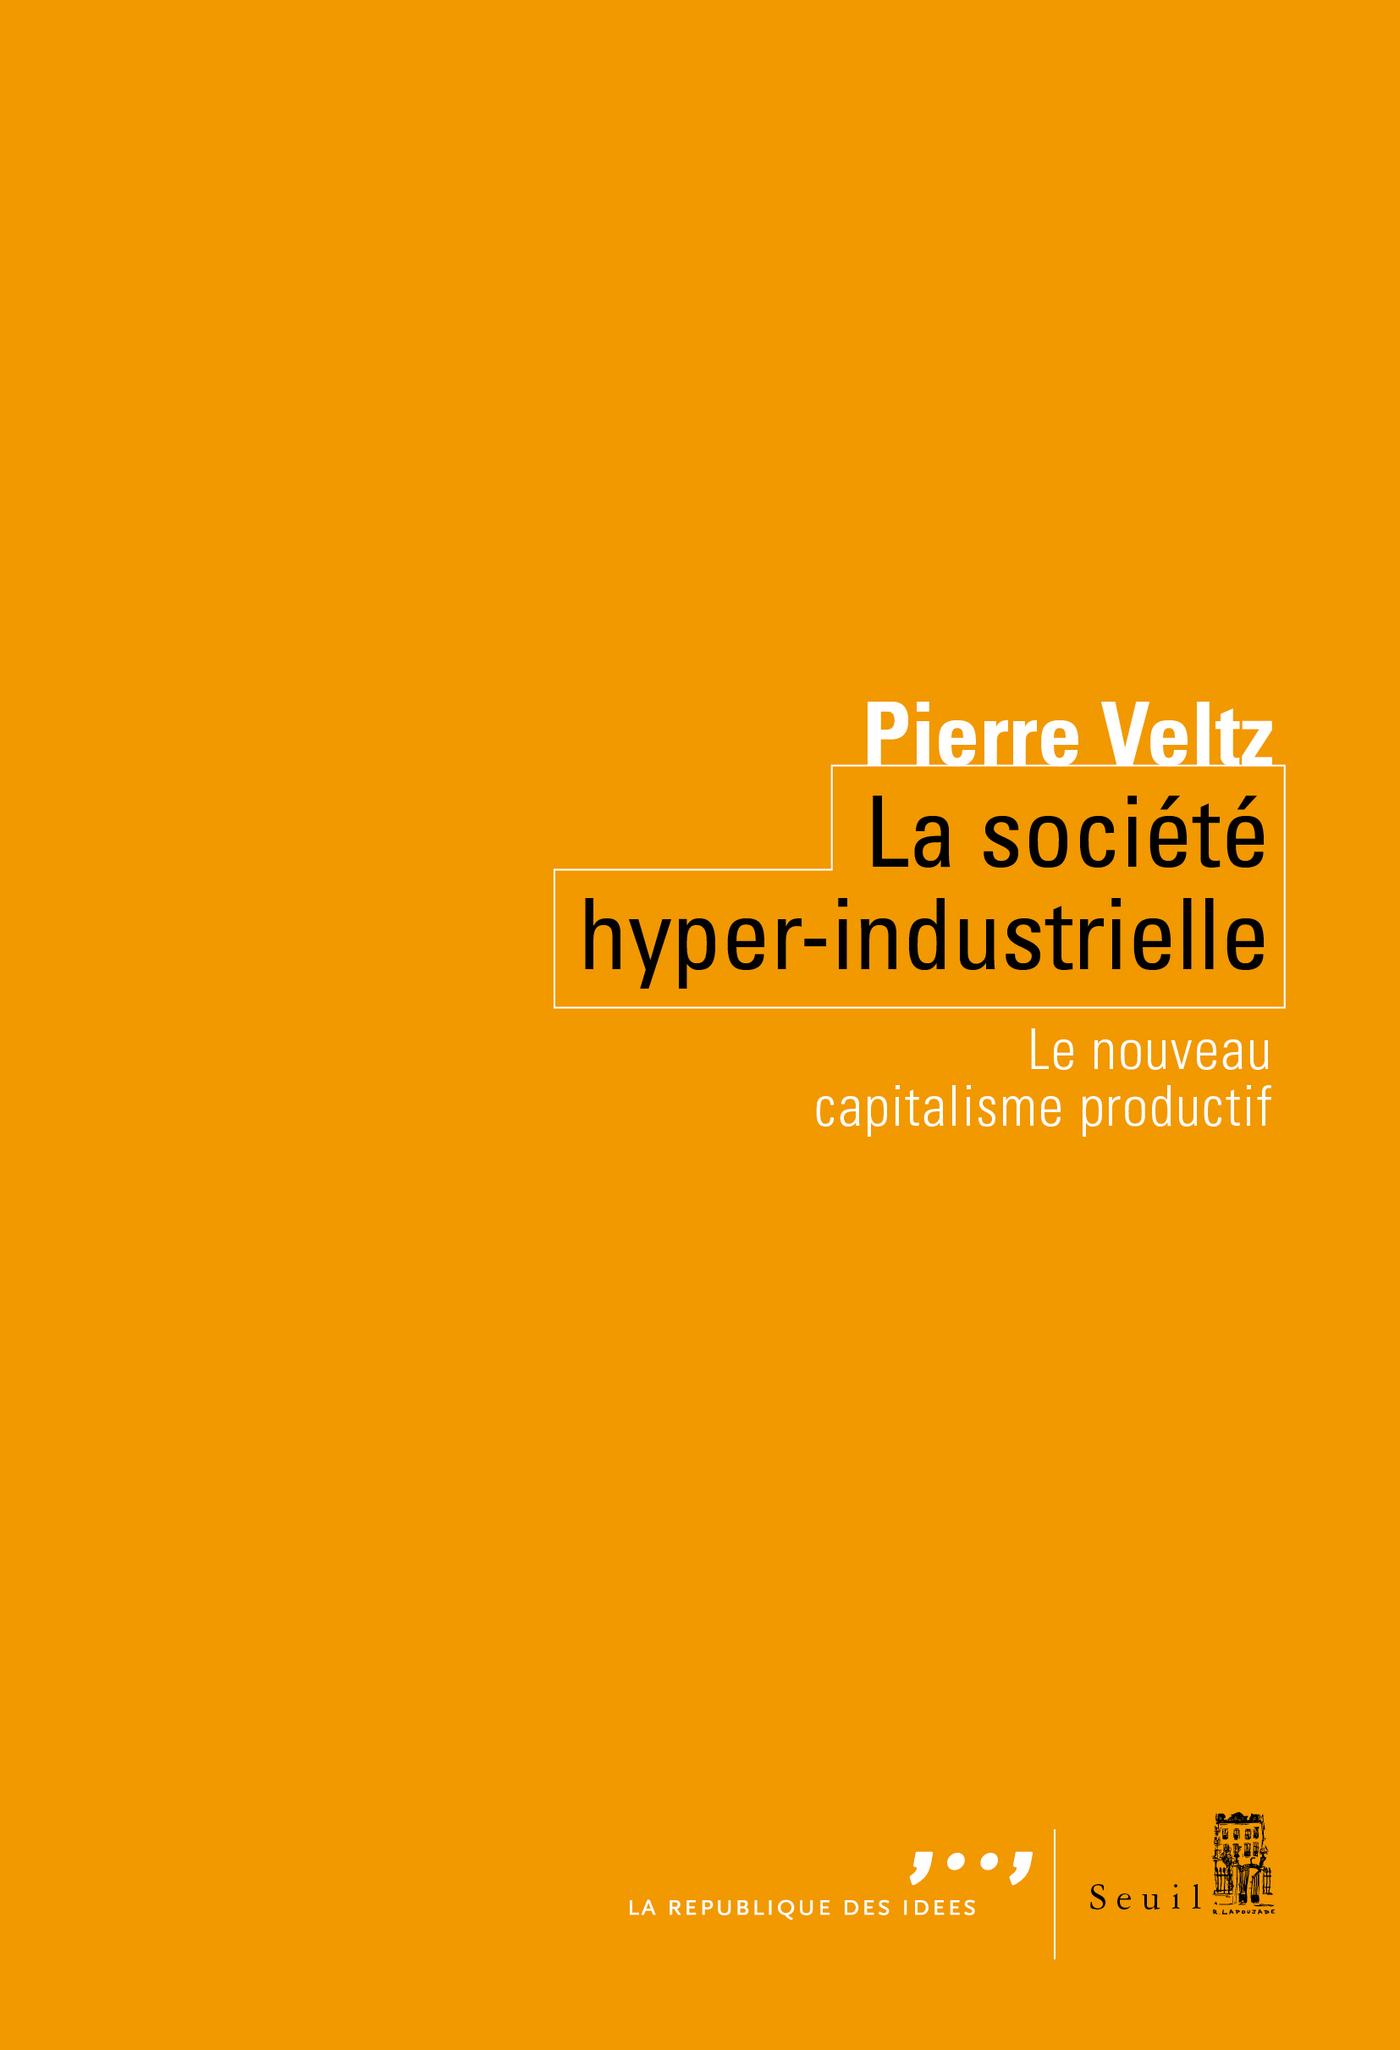 La Société hyper-industrielle. Le nouveau capitalisme productif